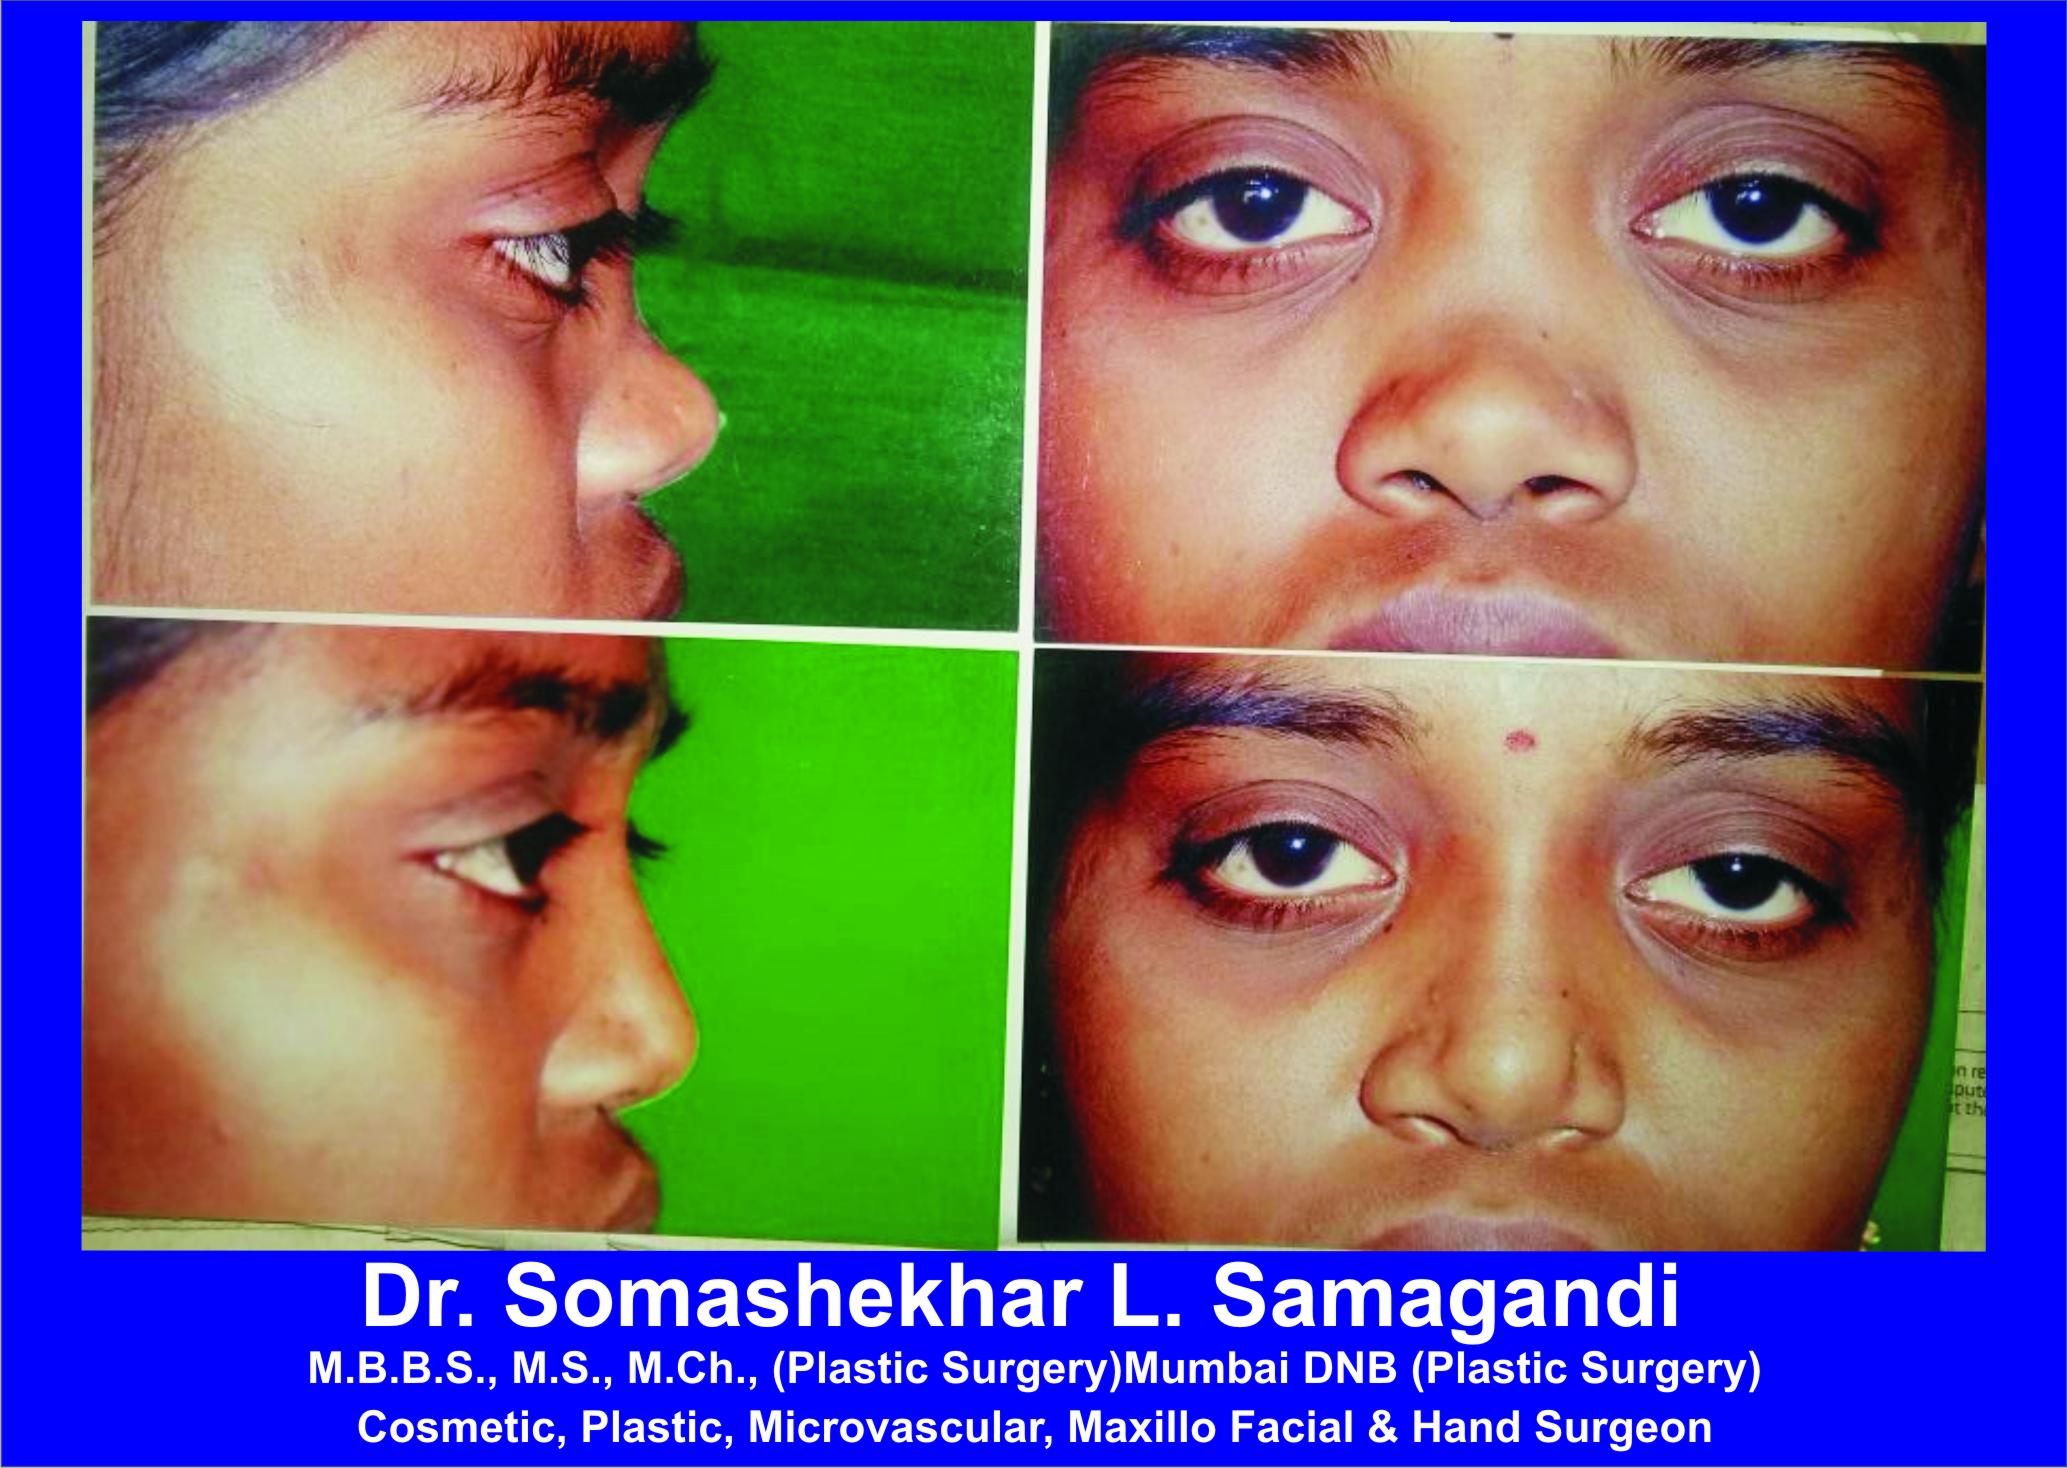 Dr. Somashekhar L. Samagandi